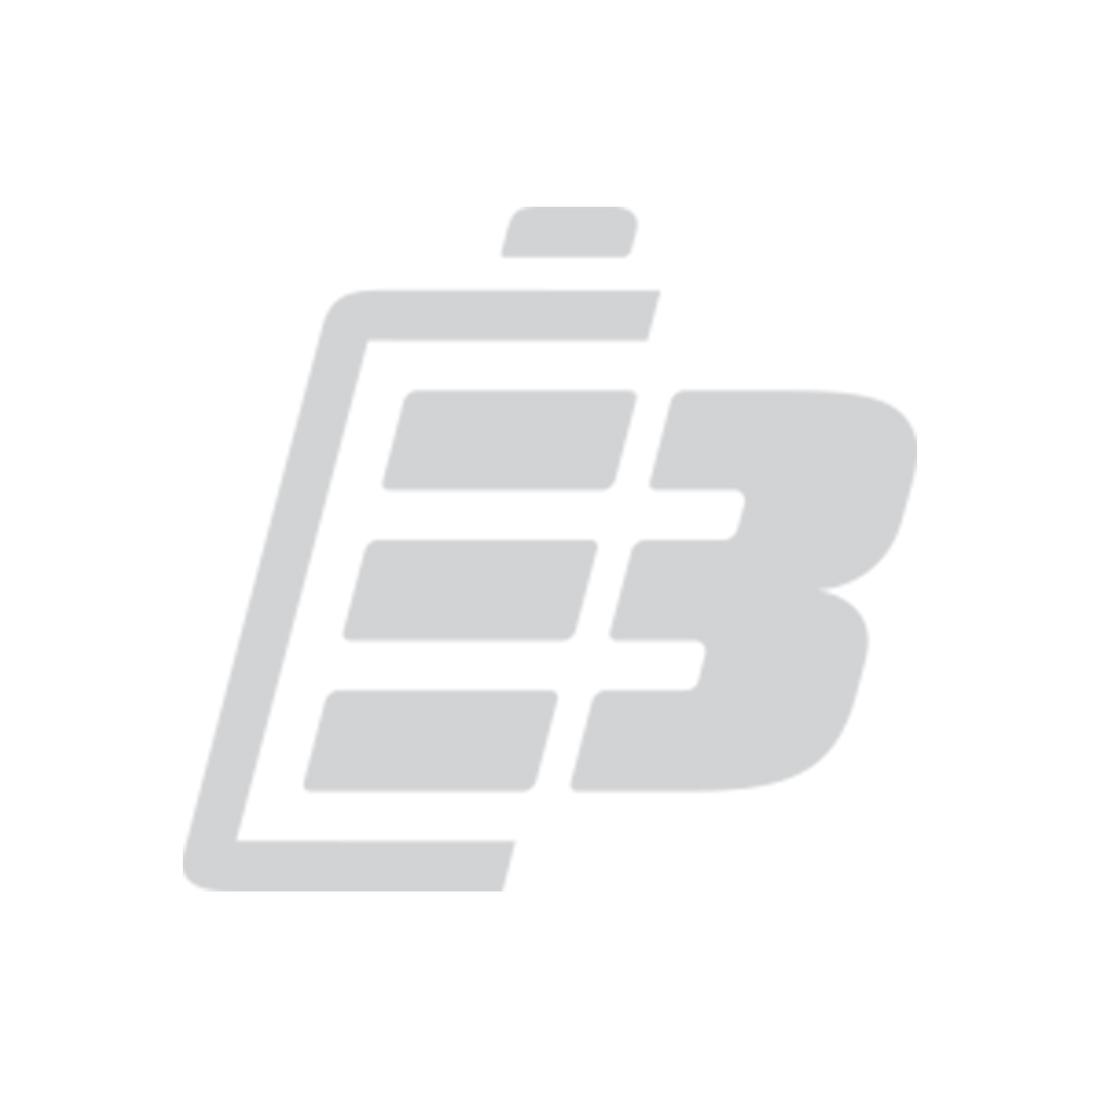 Power tool battery Metabo 25.2V 3.0Ah_1